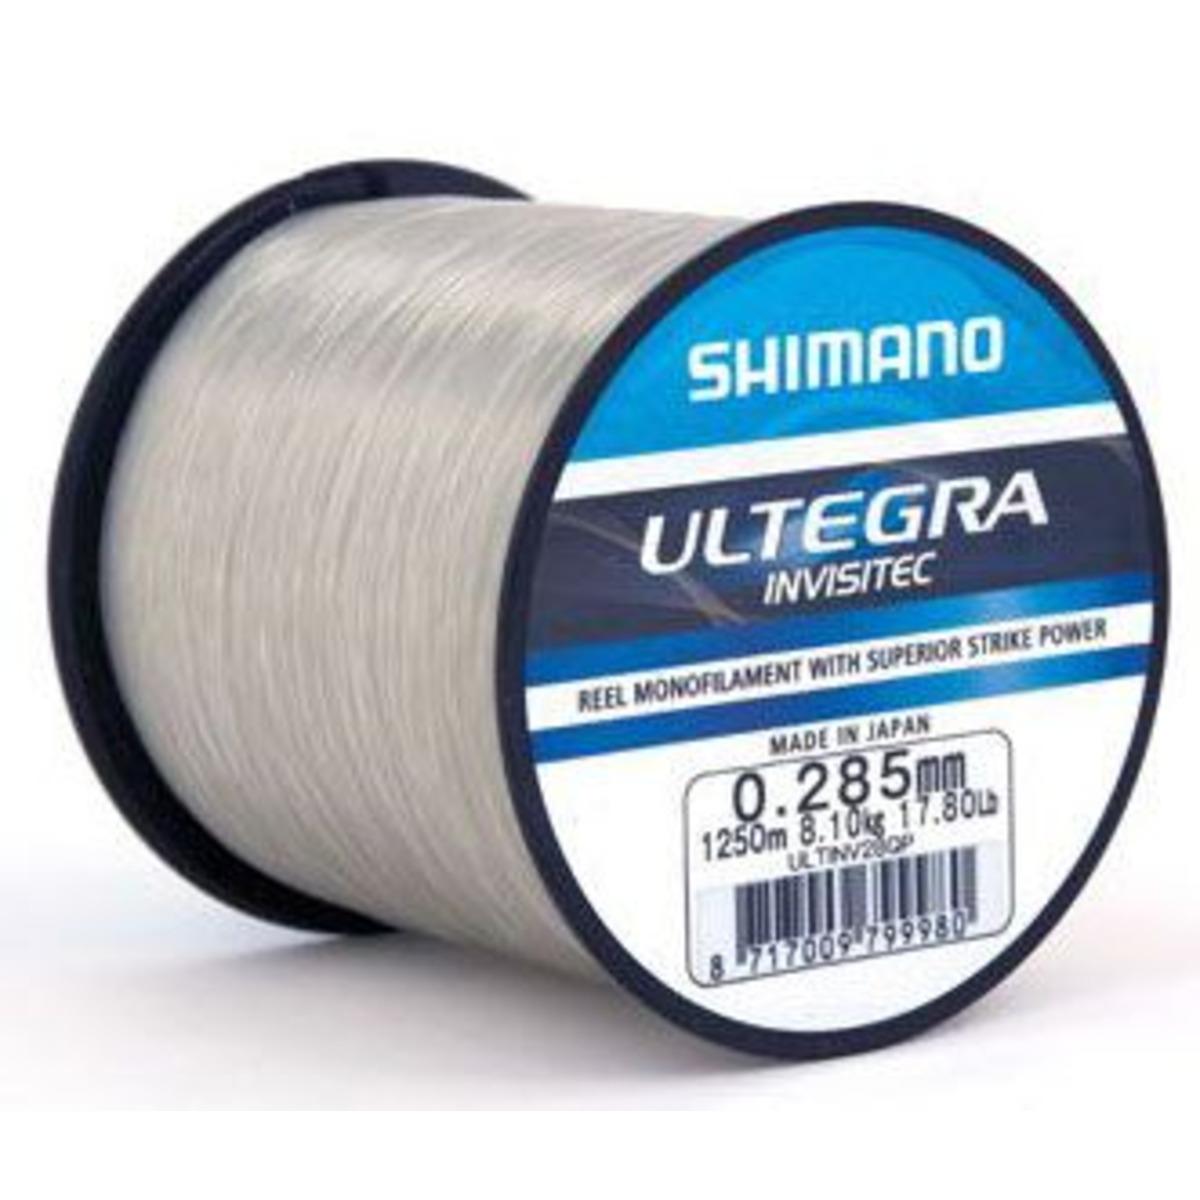 Shimano Ultegra Invisitec QP - 0.255 mm - 1530 m